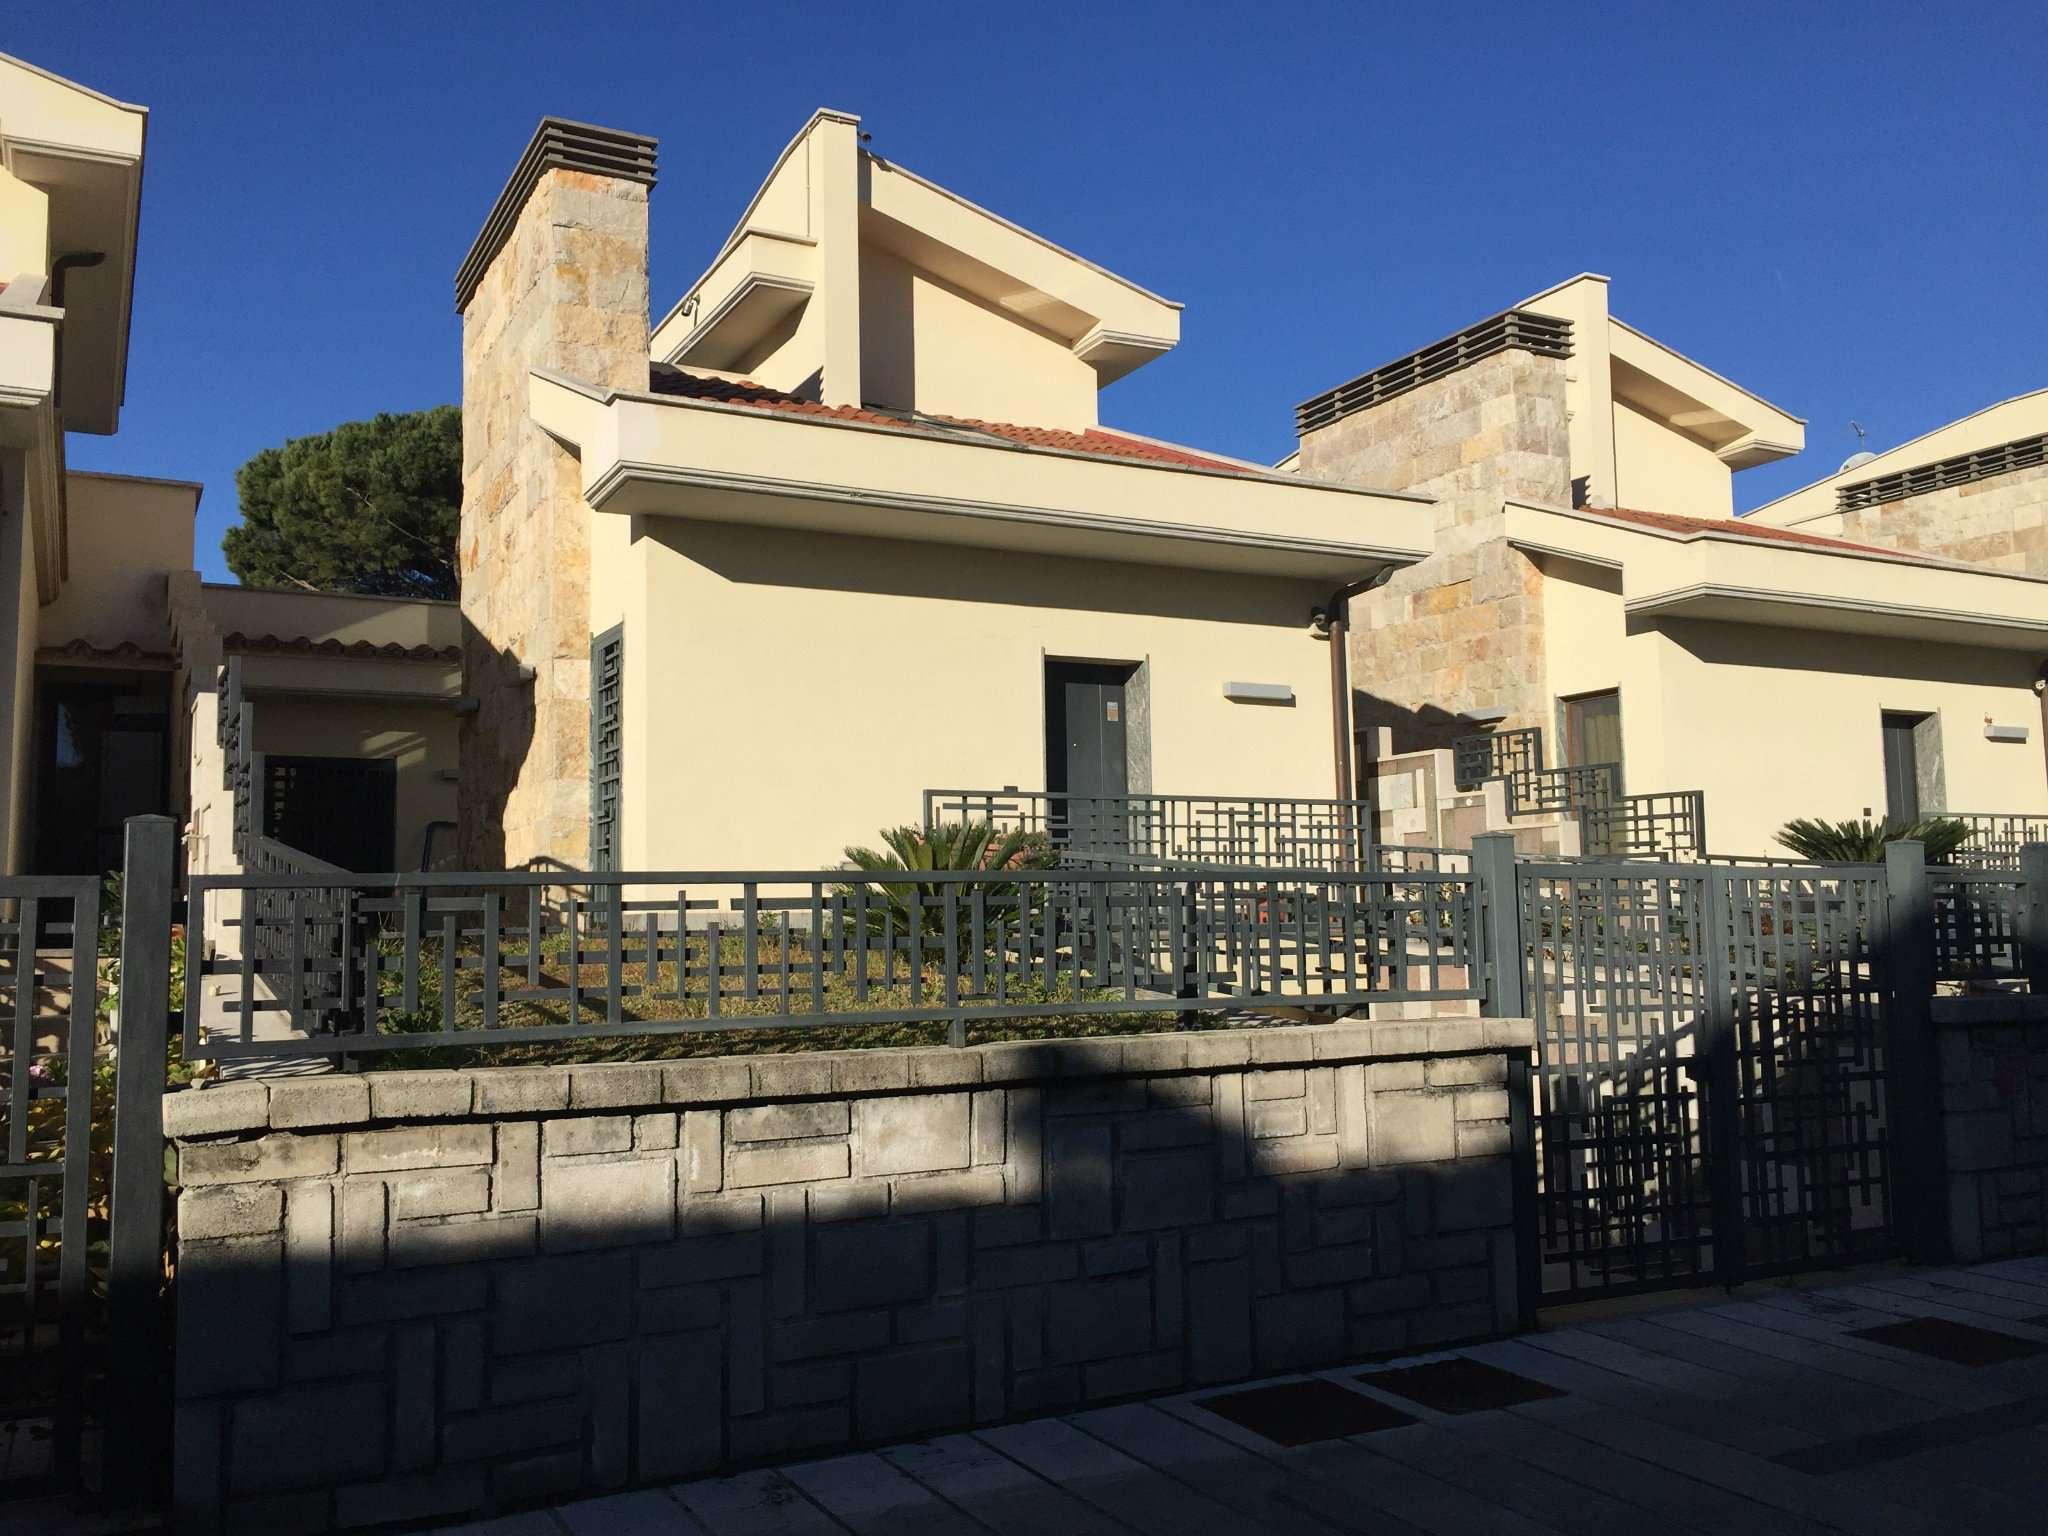 Villa in vendita a Grottaferrata, 7 locali, prezzo € 750.000 | CambioCasa.it